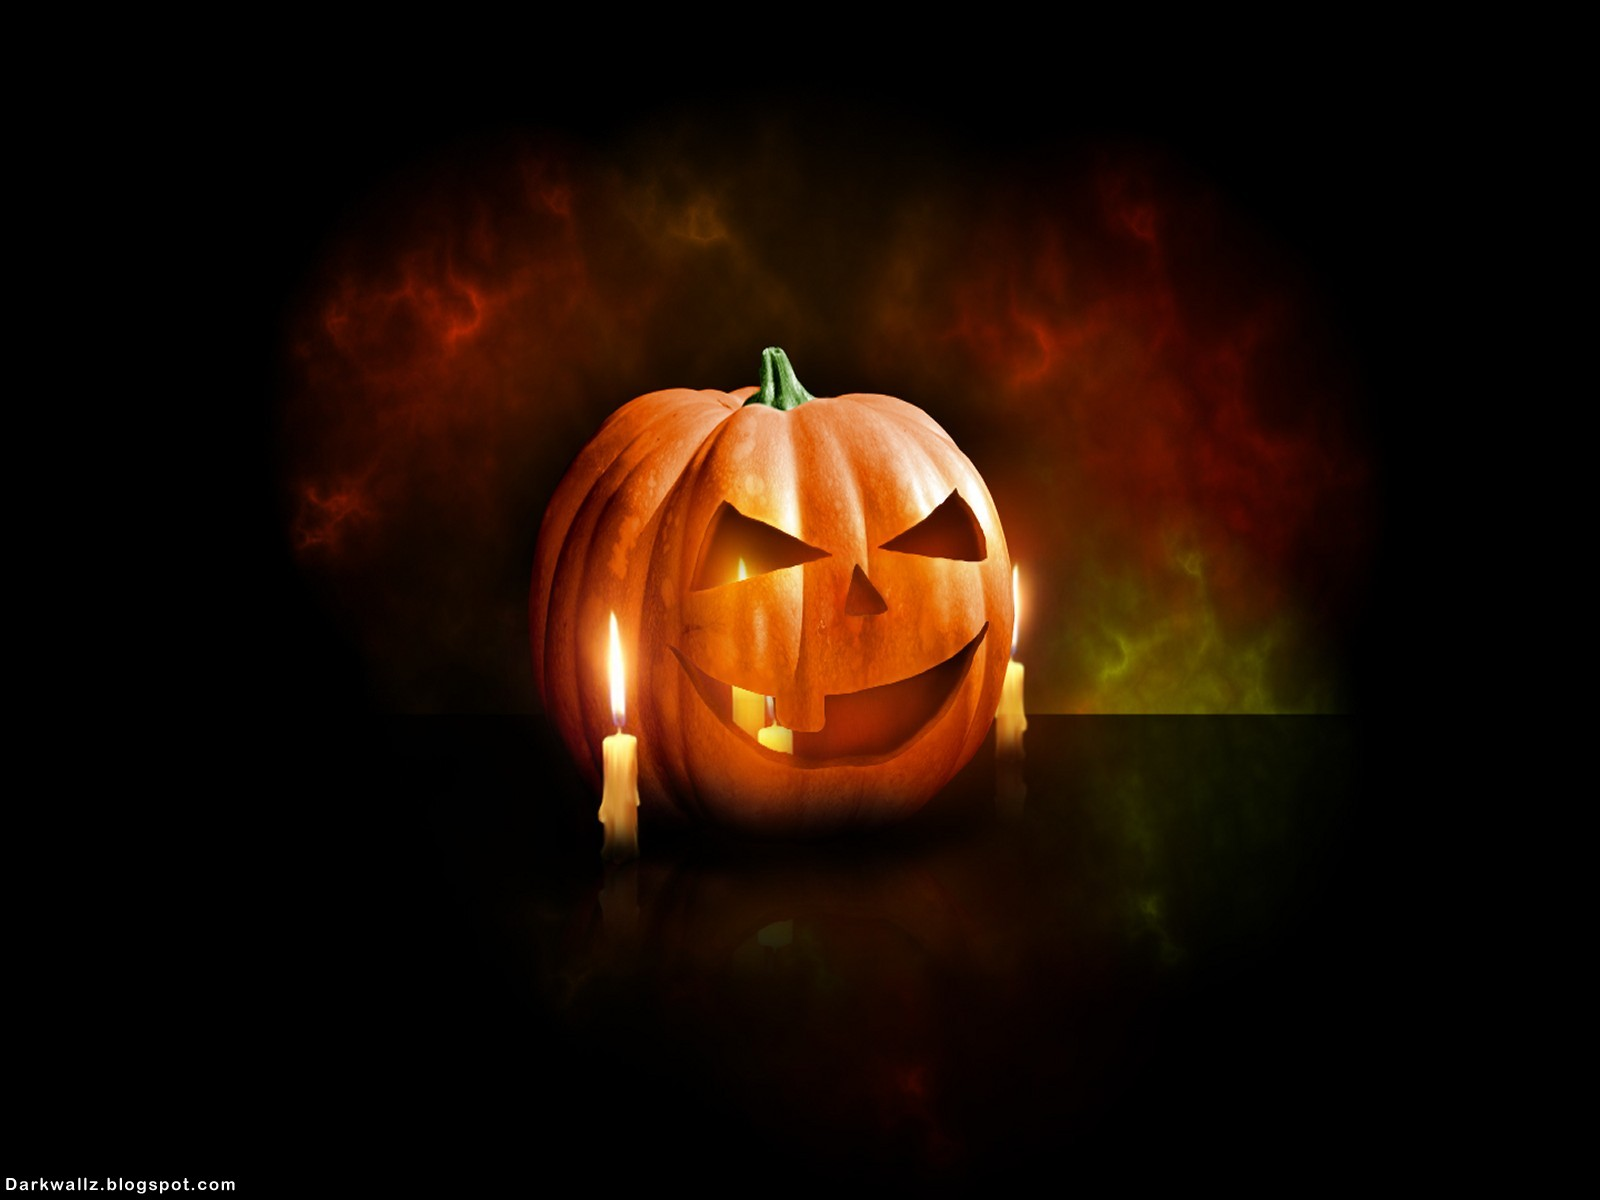 Halloween Wallpapers 111 | Dark Wallpaper Download